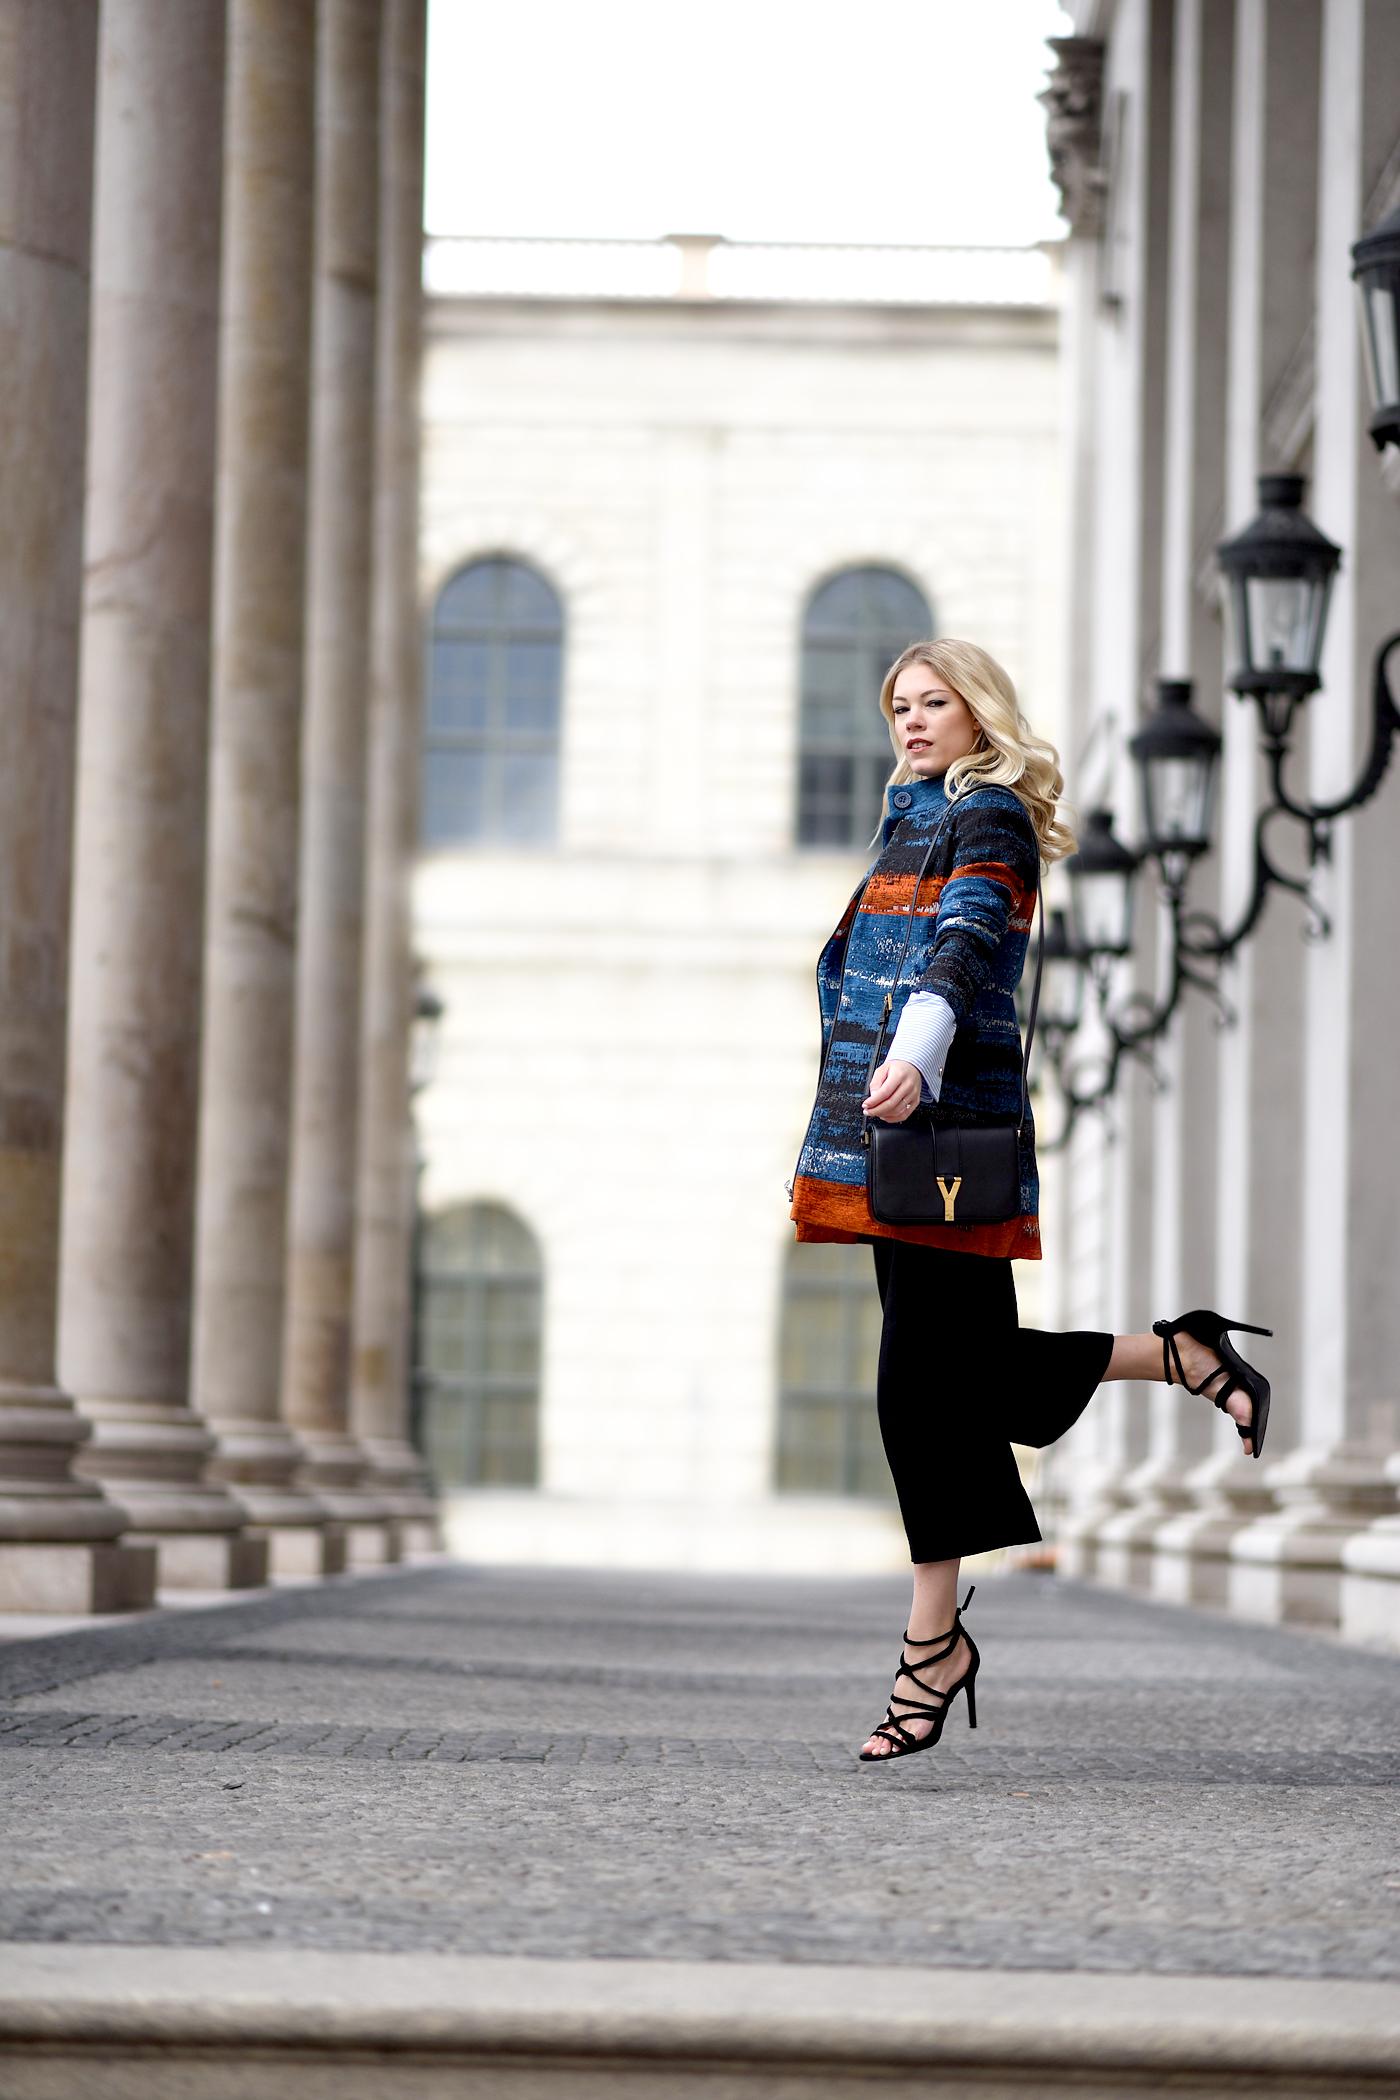 desigual_mantel_somehappyshoes_fashionblog1